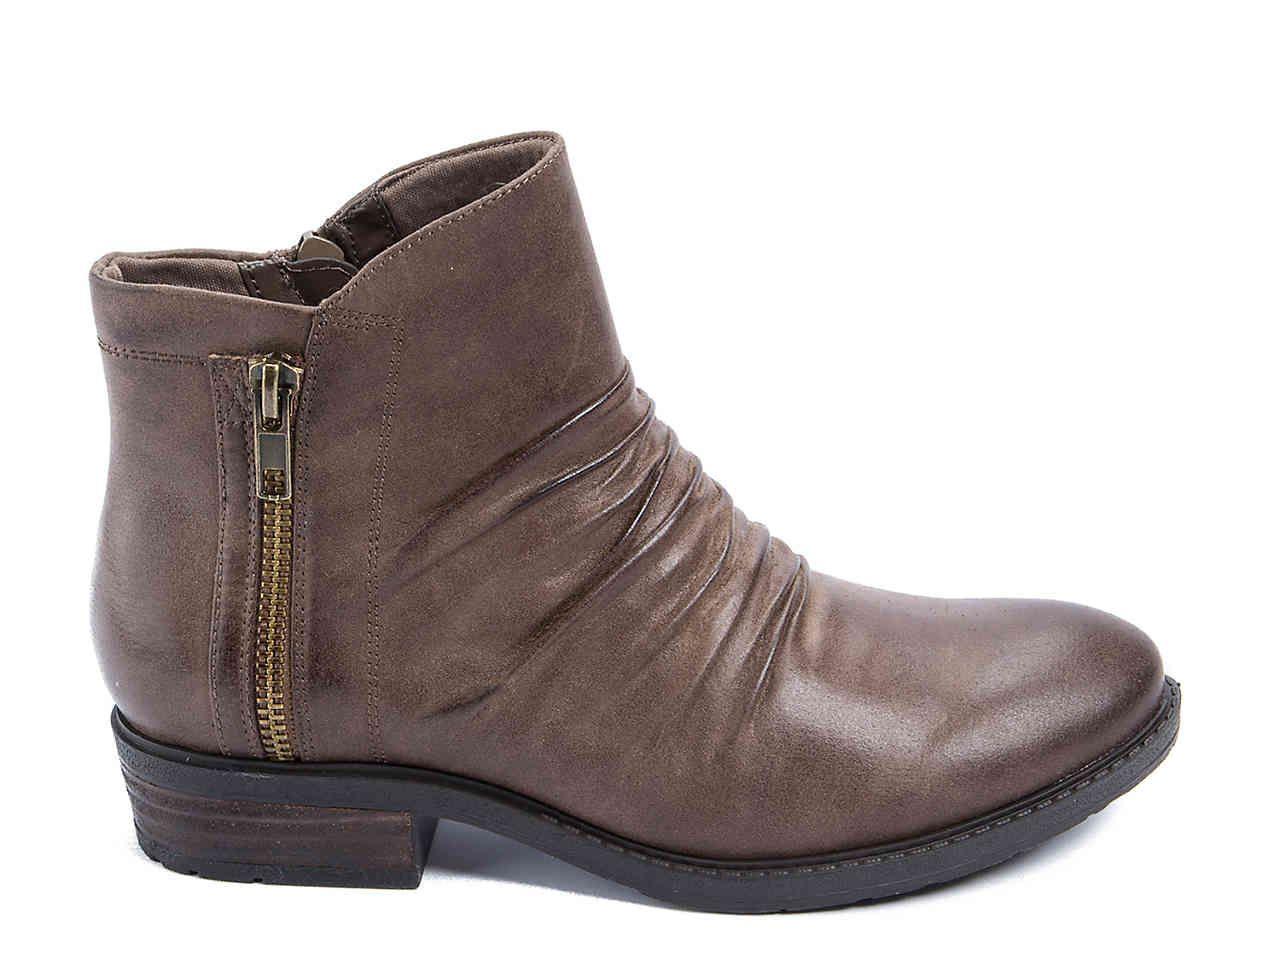 Bare Traps Yuno Bootie | Boots, Bare